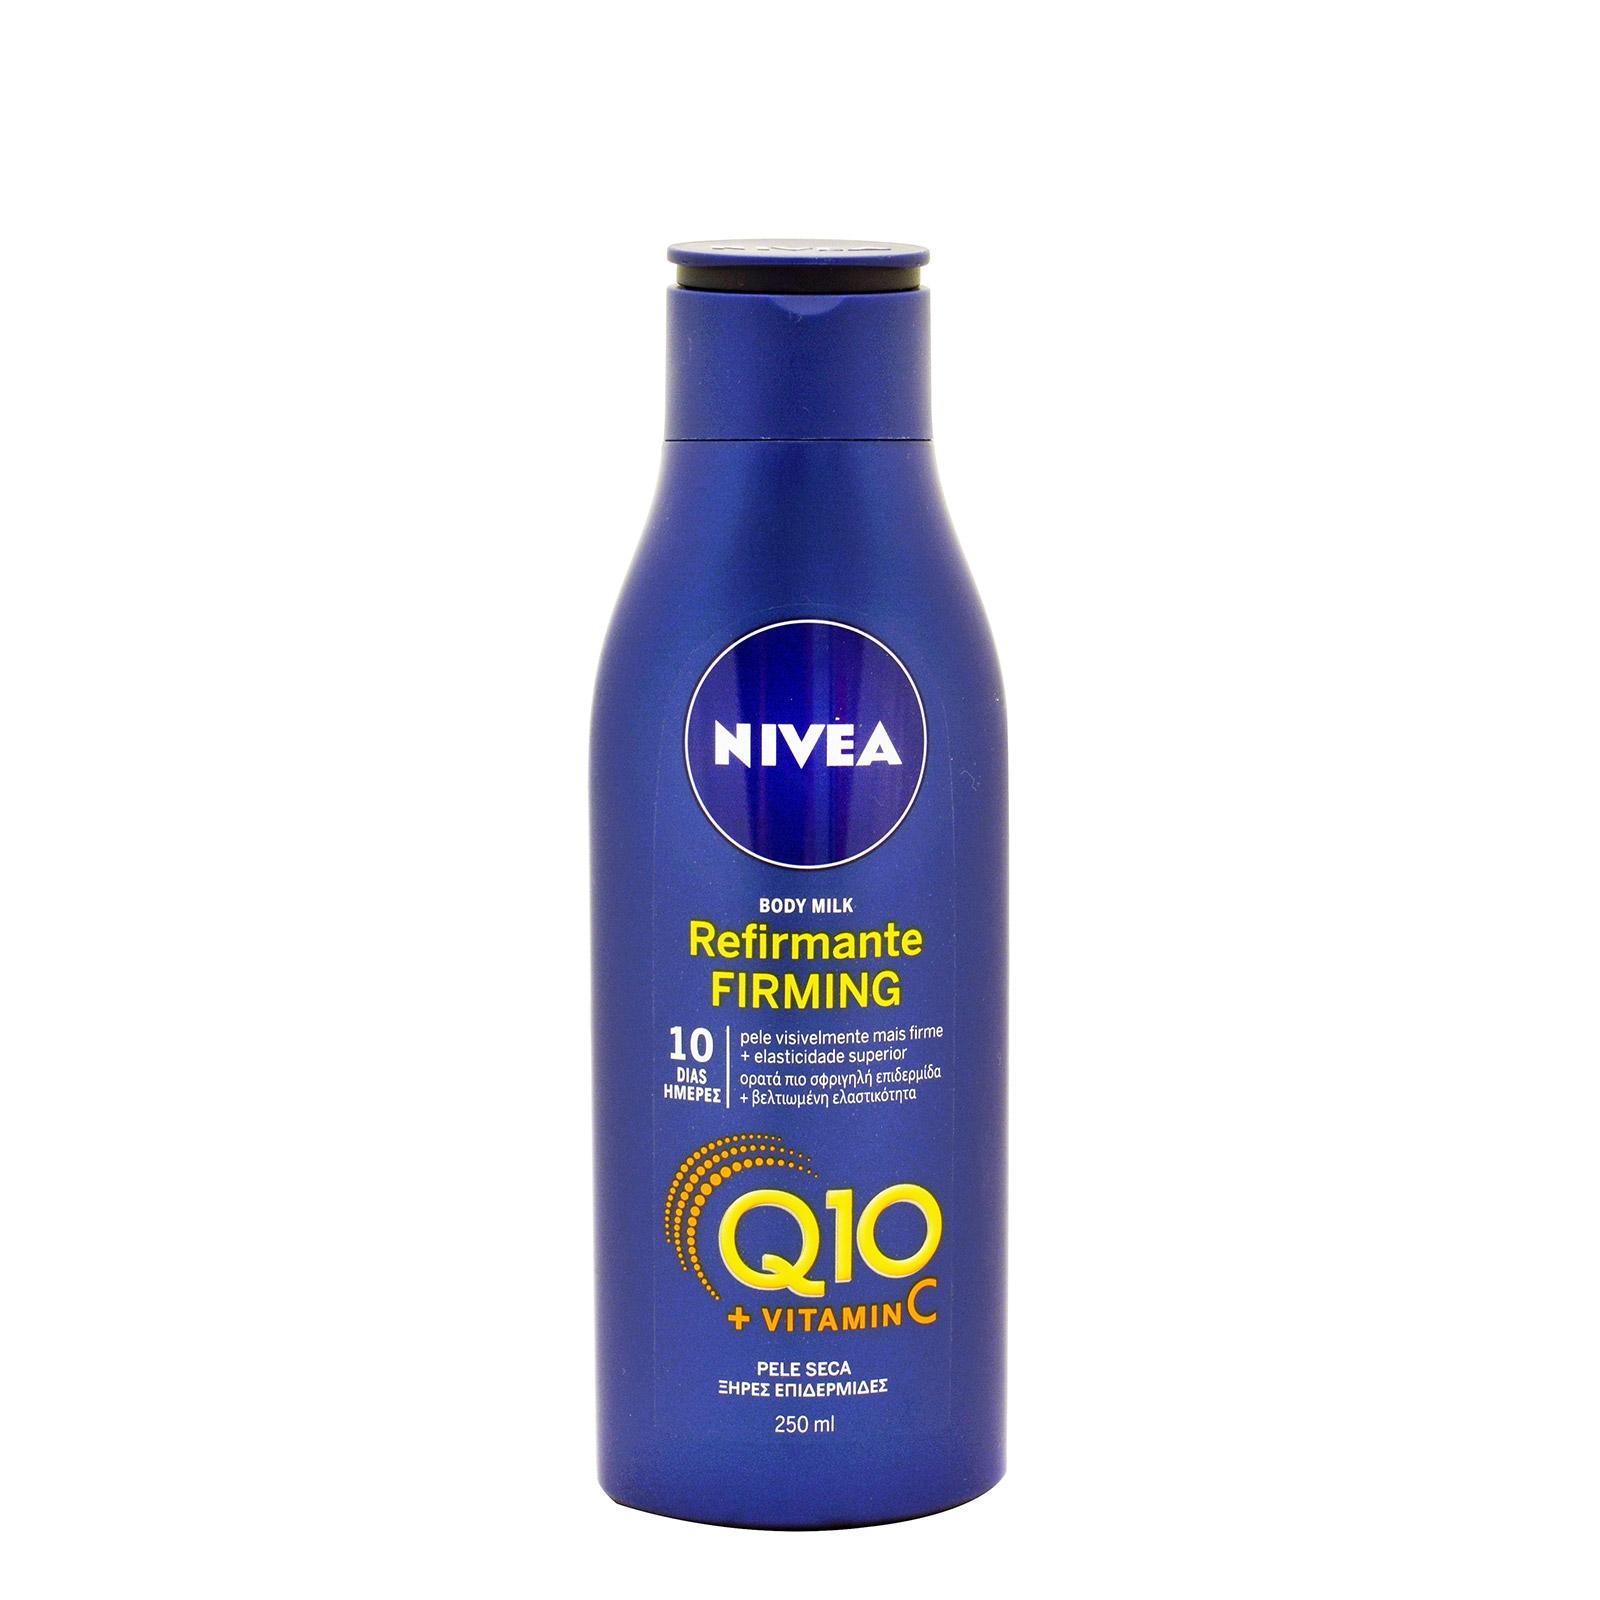 Γαλάκτωμα Σώματος Firming Milk Q10 Nivea (250ml)